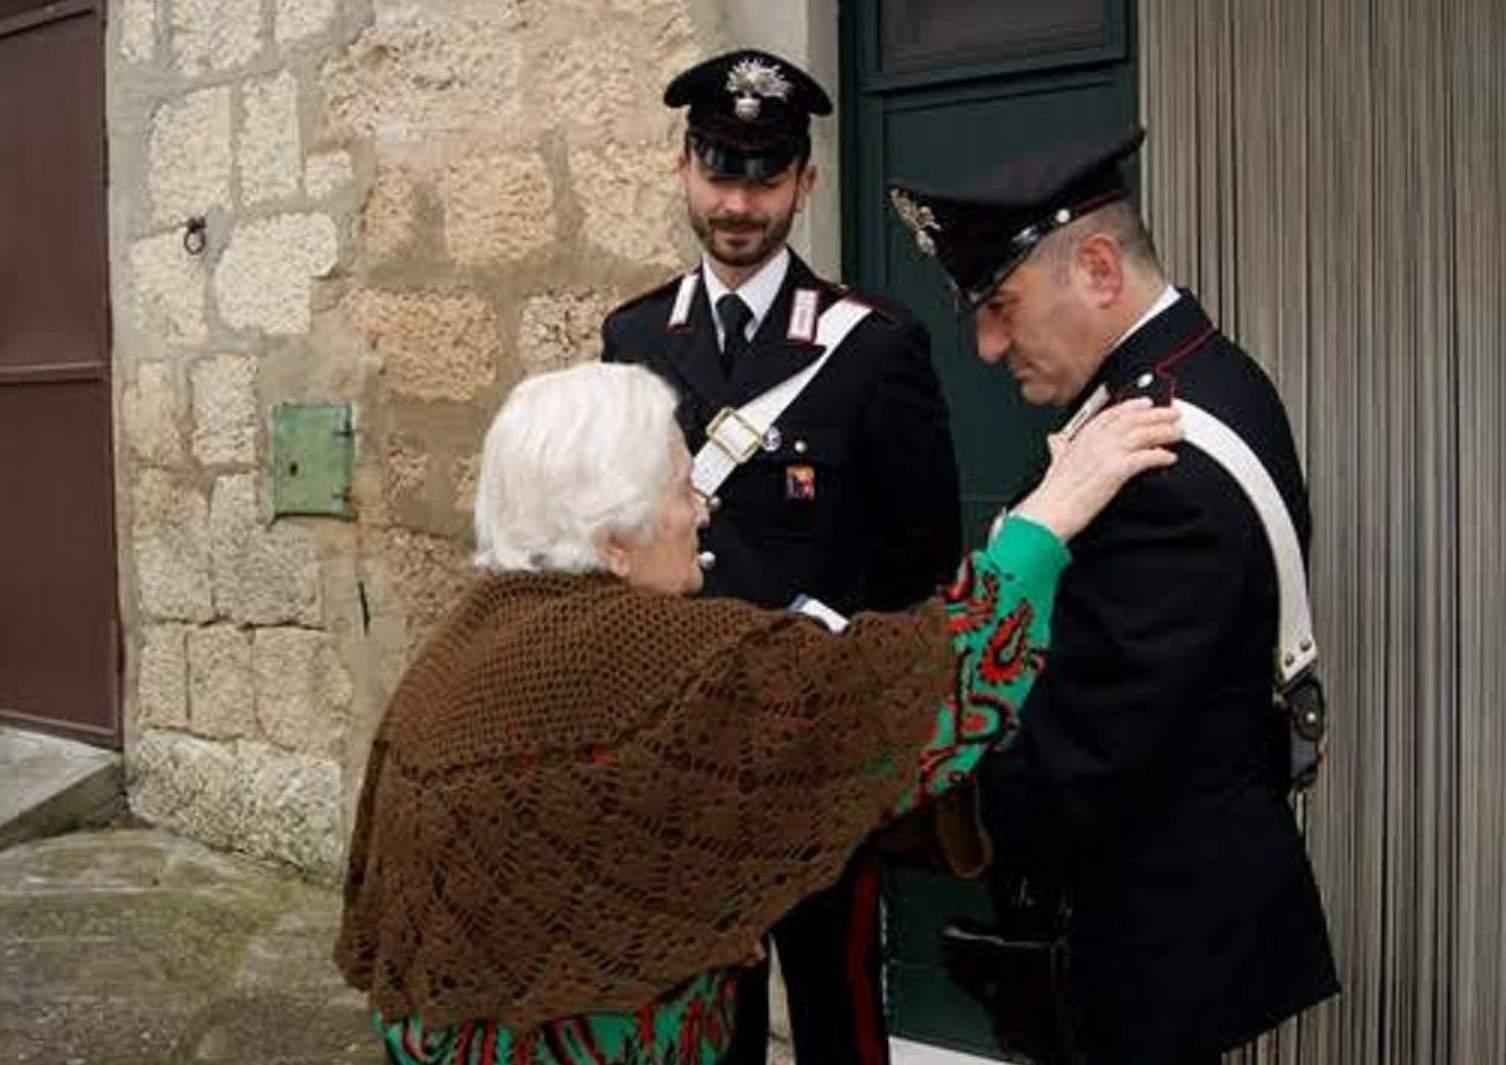 Si spaccia per medico dell'Inps e deruba due anziani di cellulare e soldi: denunciata dai carabinieri